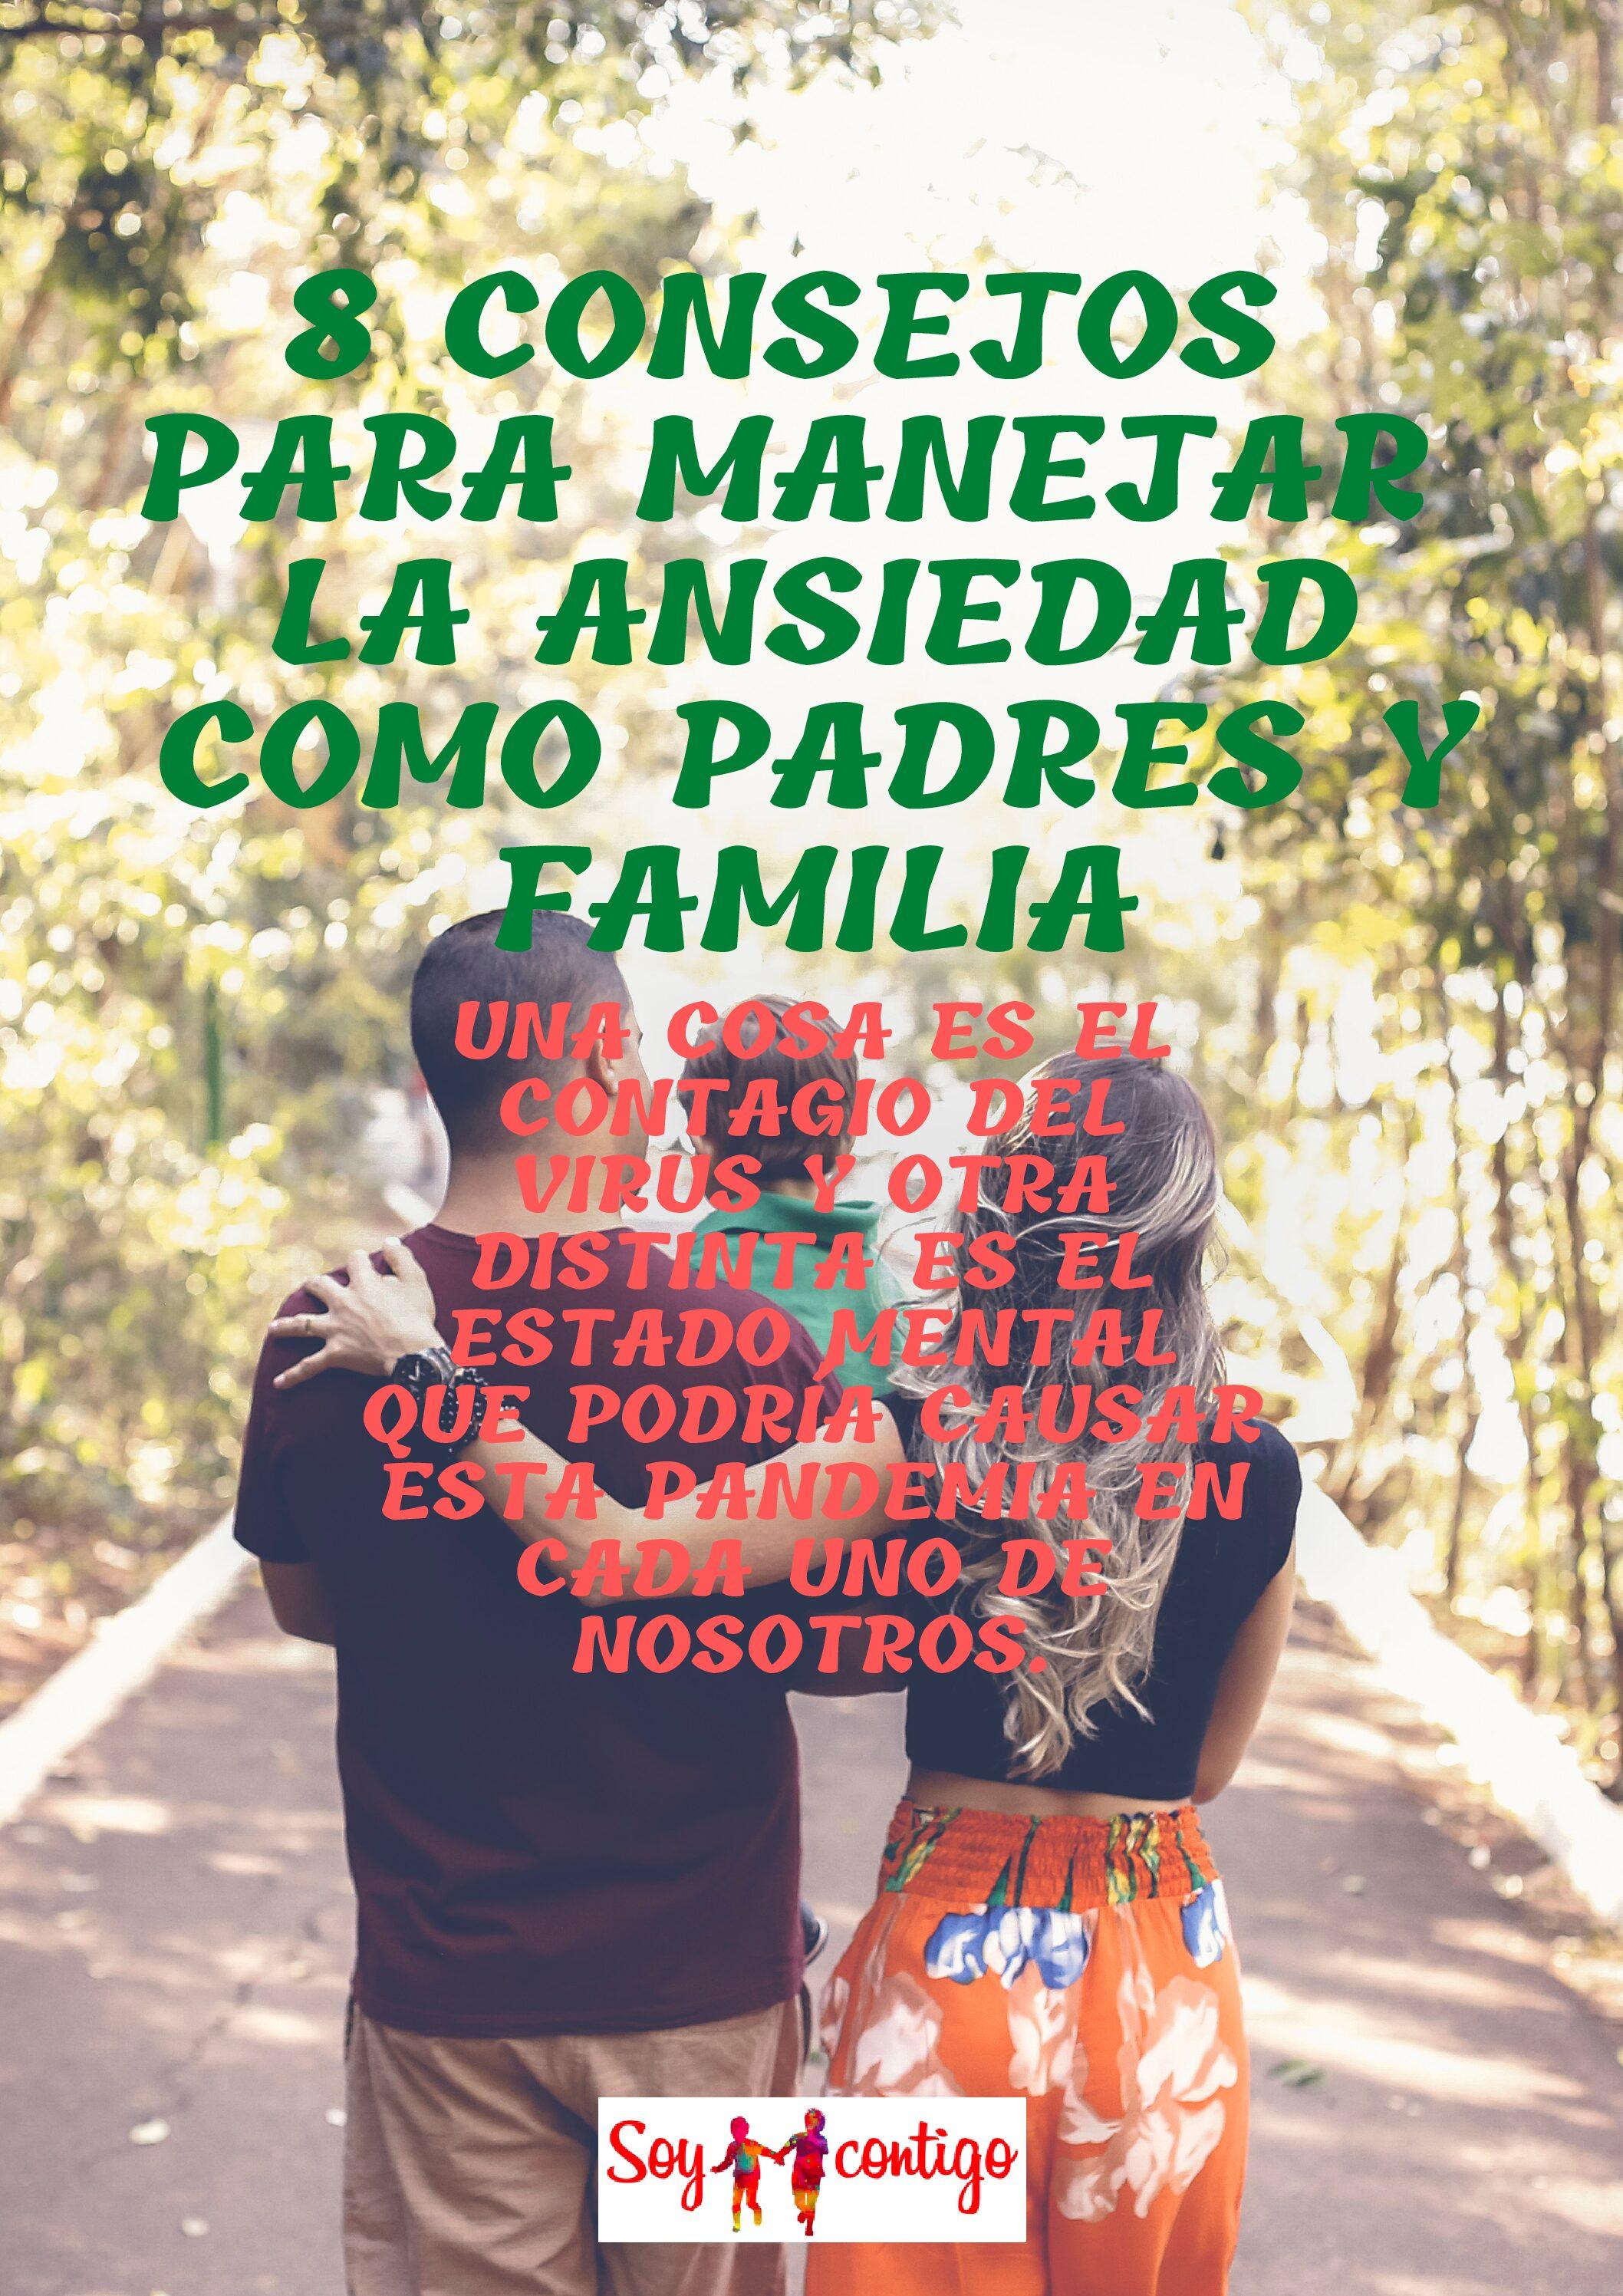 8 CONSEJOS PARA MANEJAR LA ANSIEDAD COMO PADRES Y FAMILIA